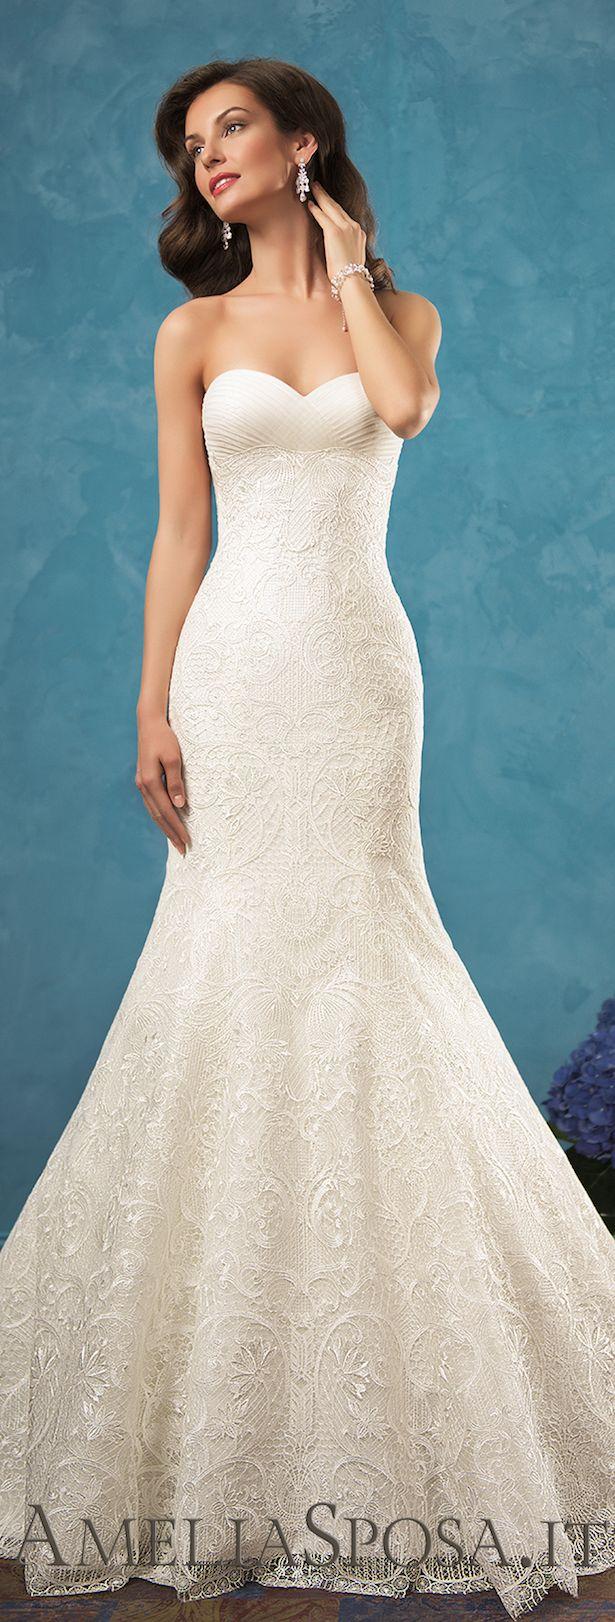 50 Fabulous Sweetheart Wedding Dresses | Amelia Sposa 2017 Wedding Dress